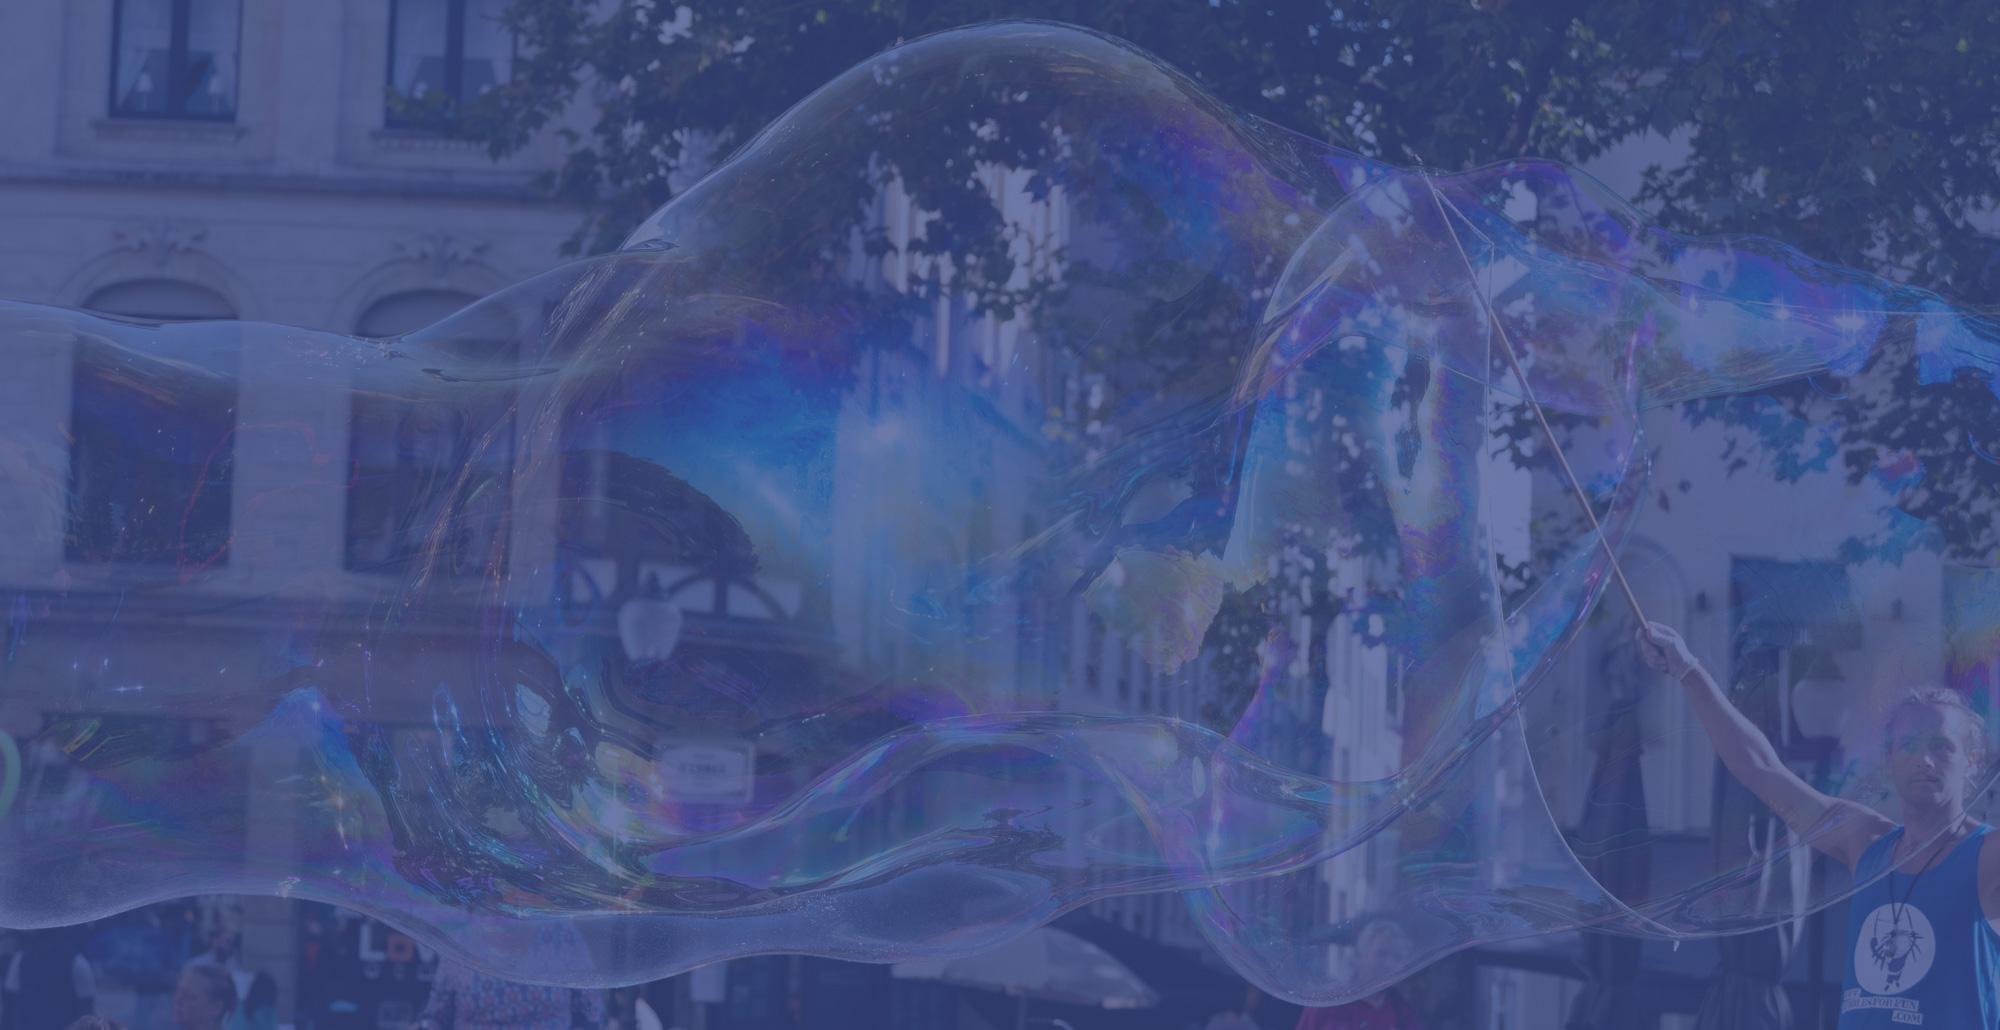 Bubbles for fun